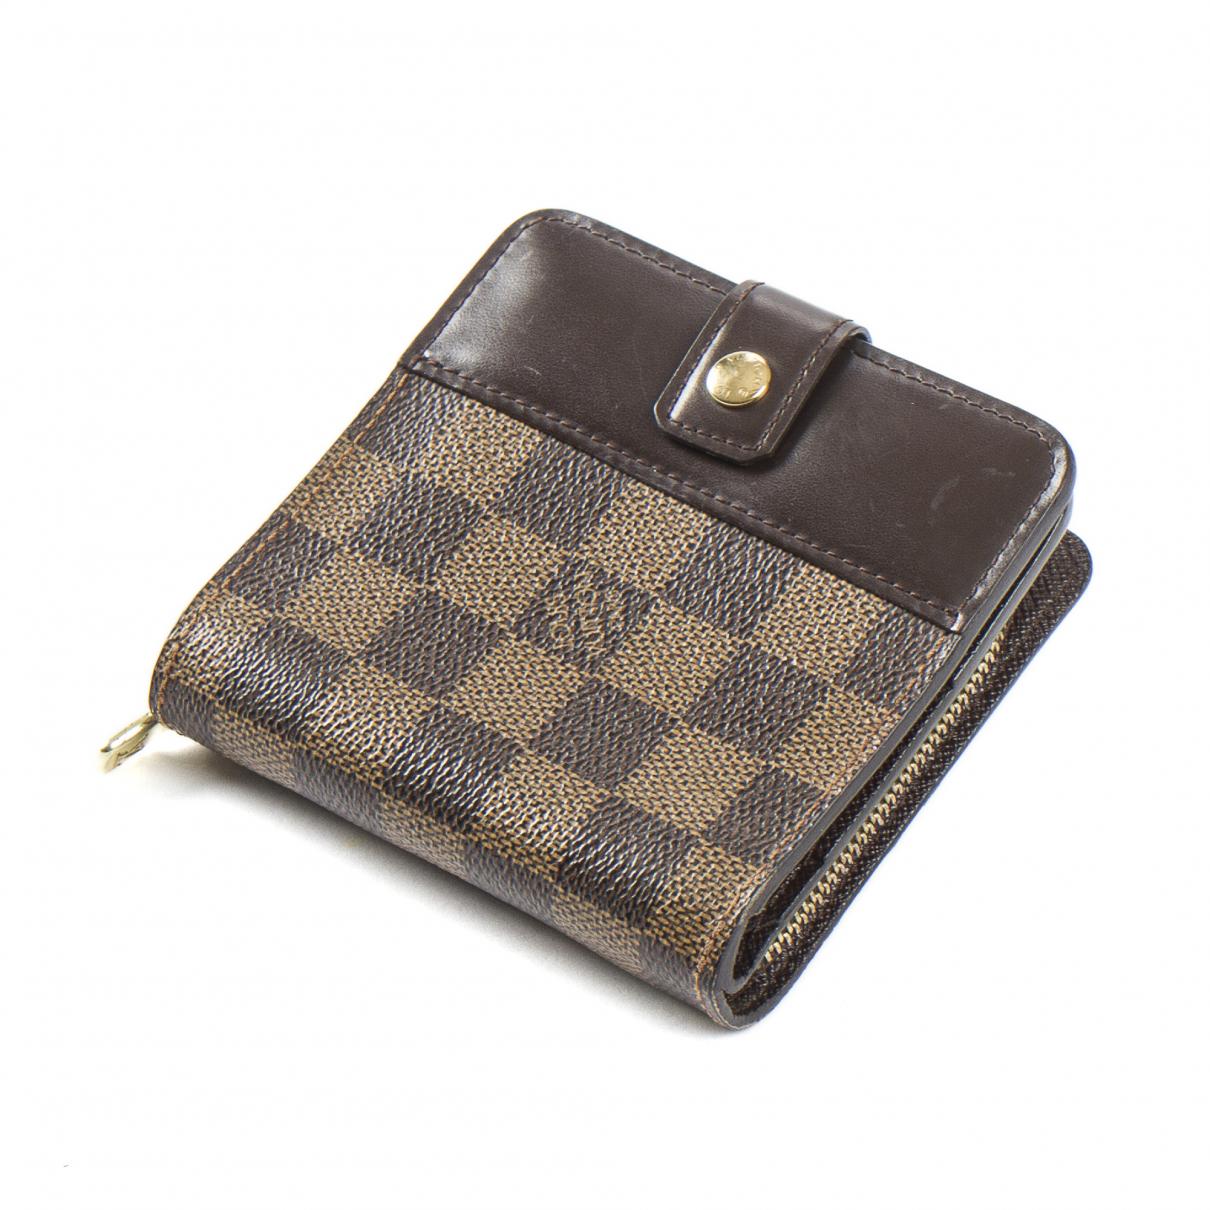 Louis Vuitton - Portefeuille Zippy pour femme en cuir - marron